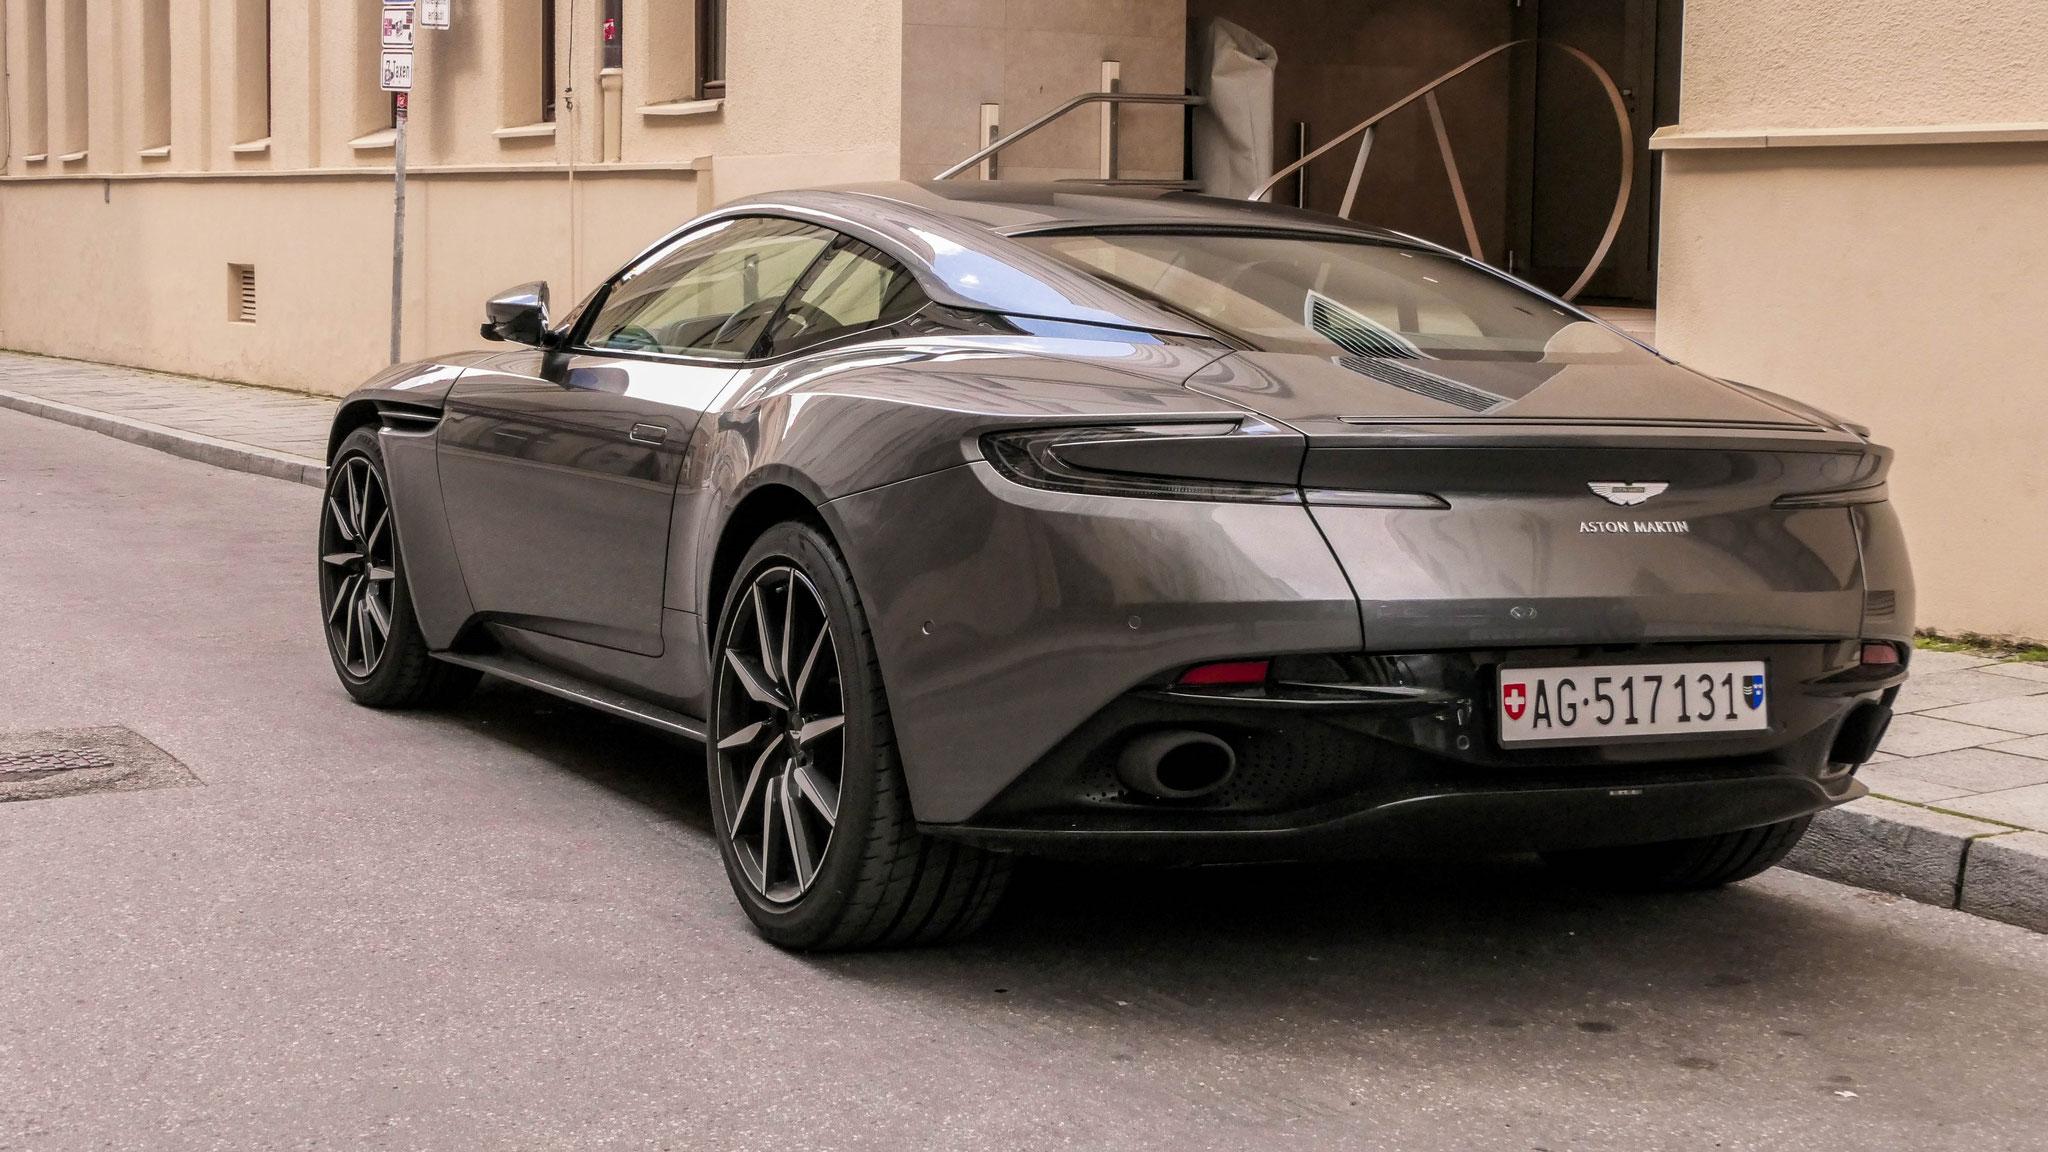 Aston Martin DB11 - AG-517131 (CH)